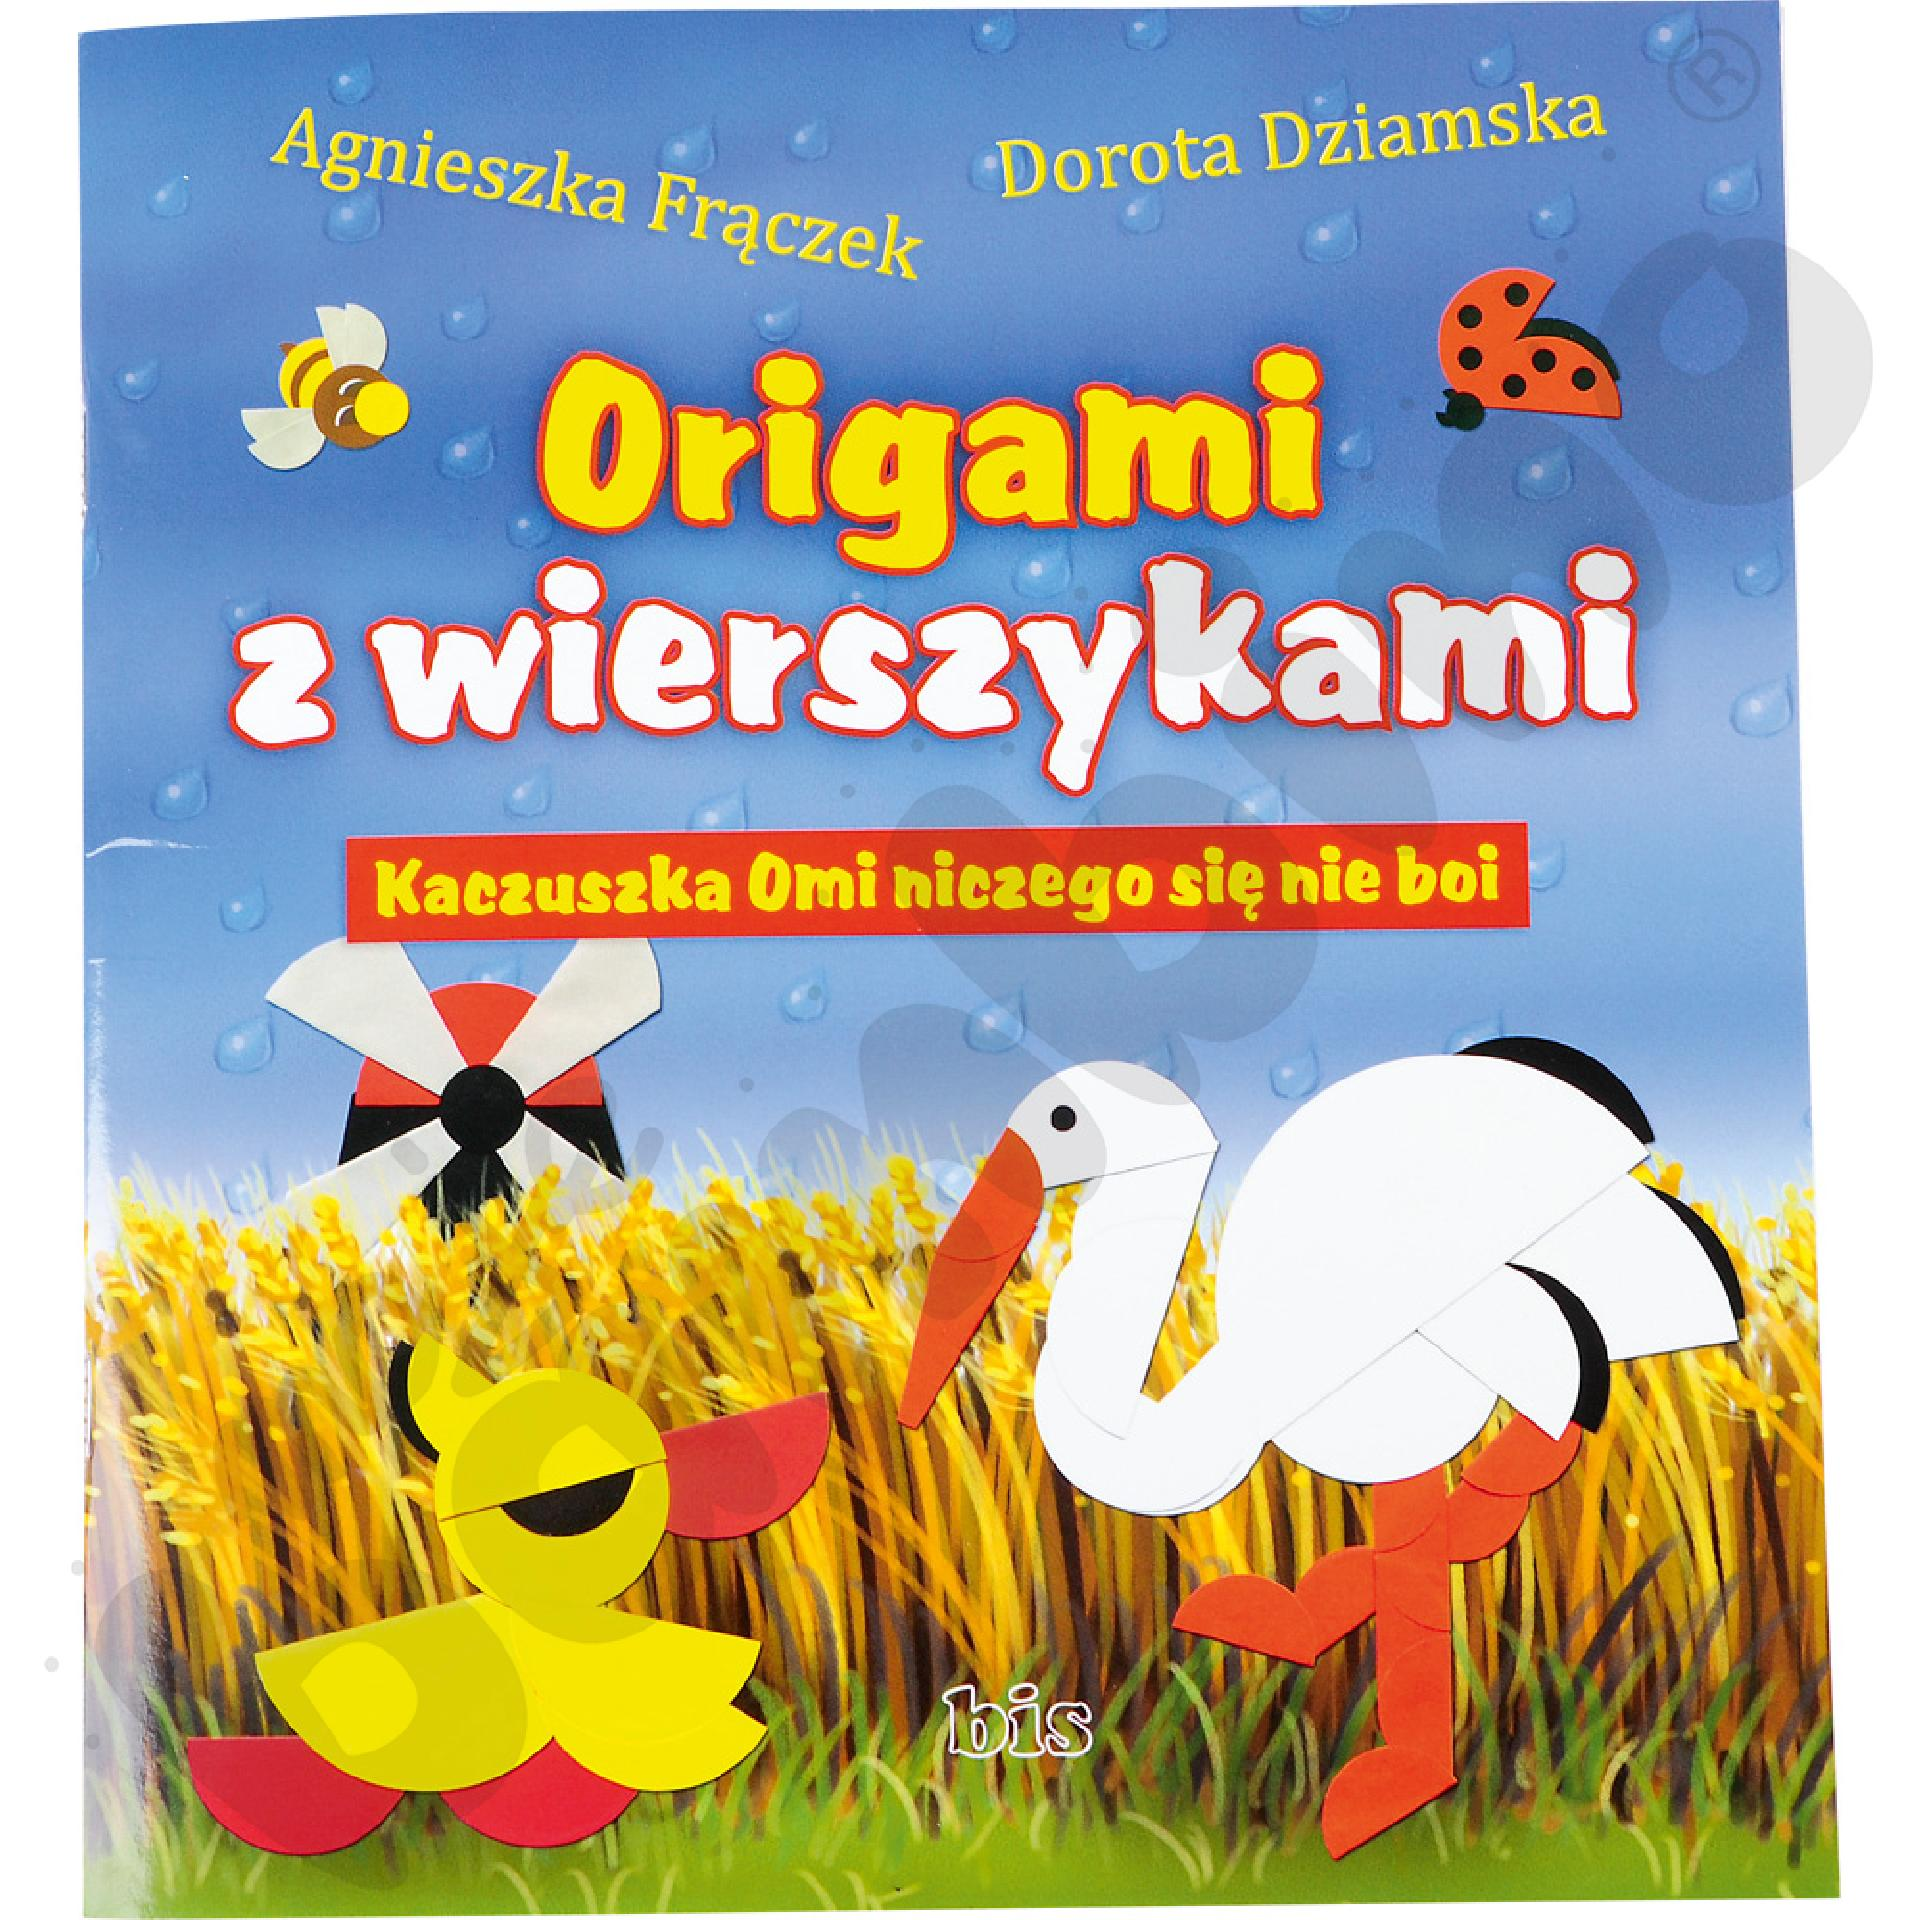 Origami z wierszykami - Kaczuszka Omi niczego się nie boi